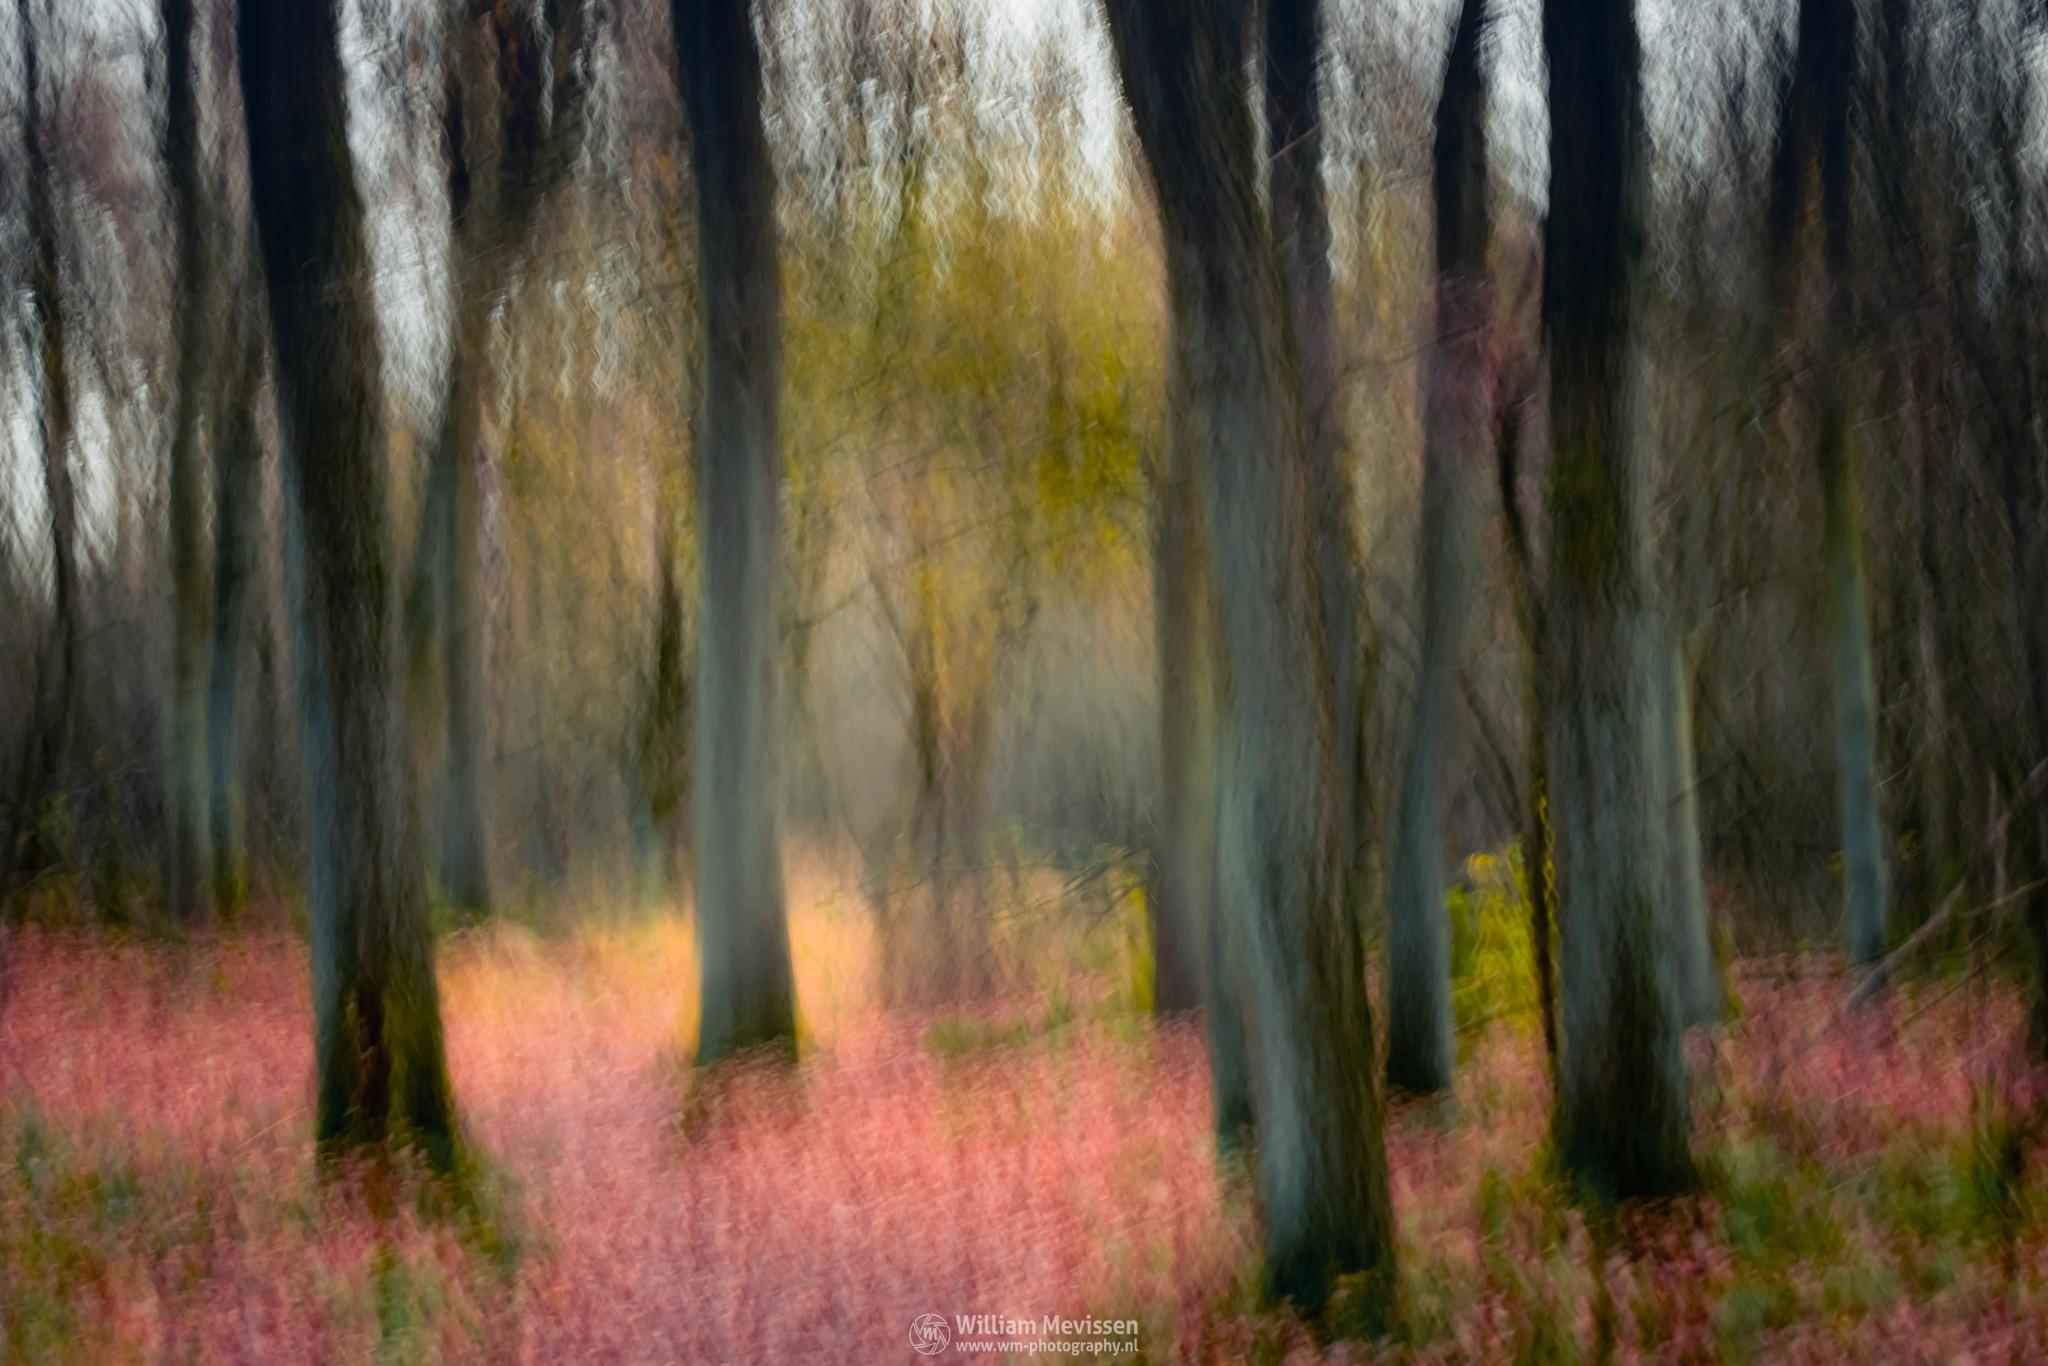 Autumn Impression by William Mevissen